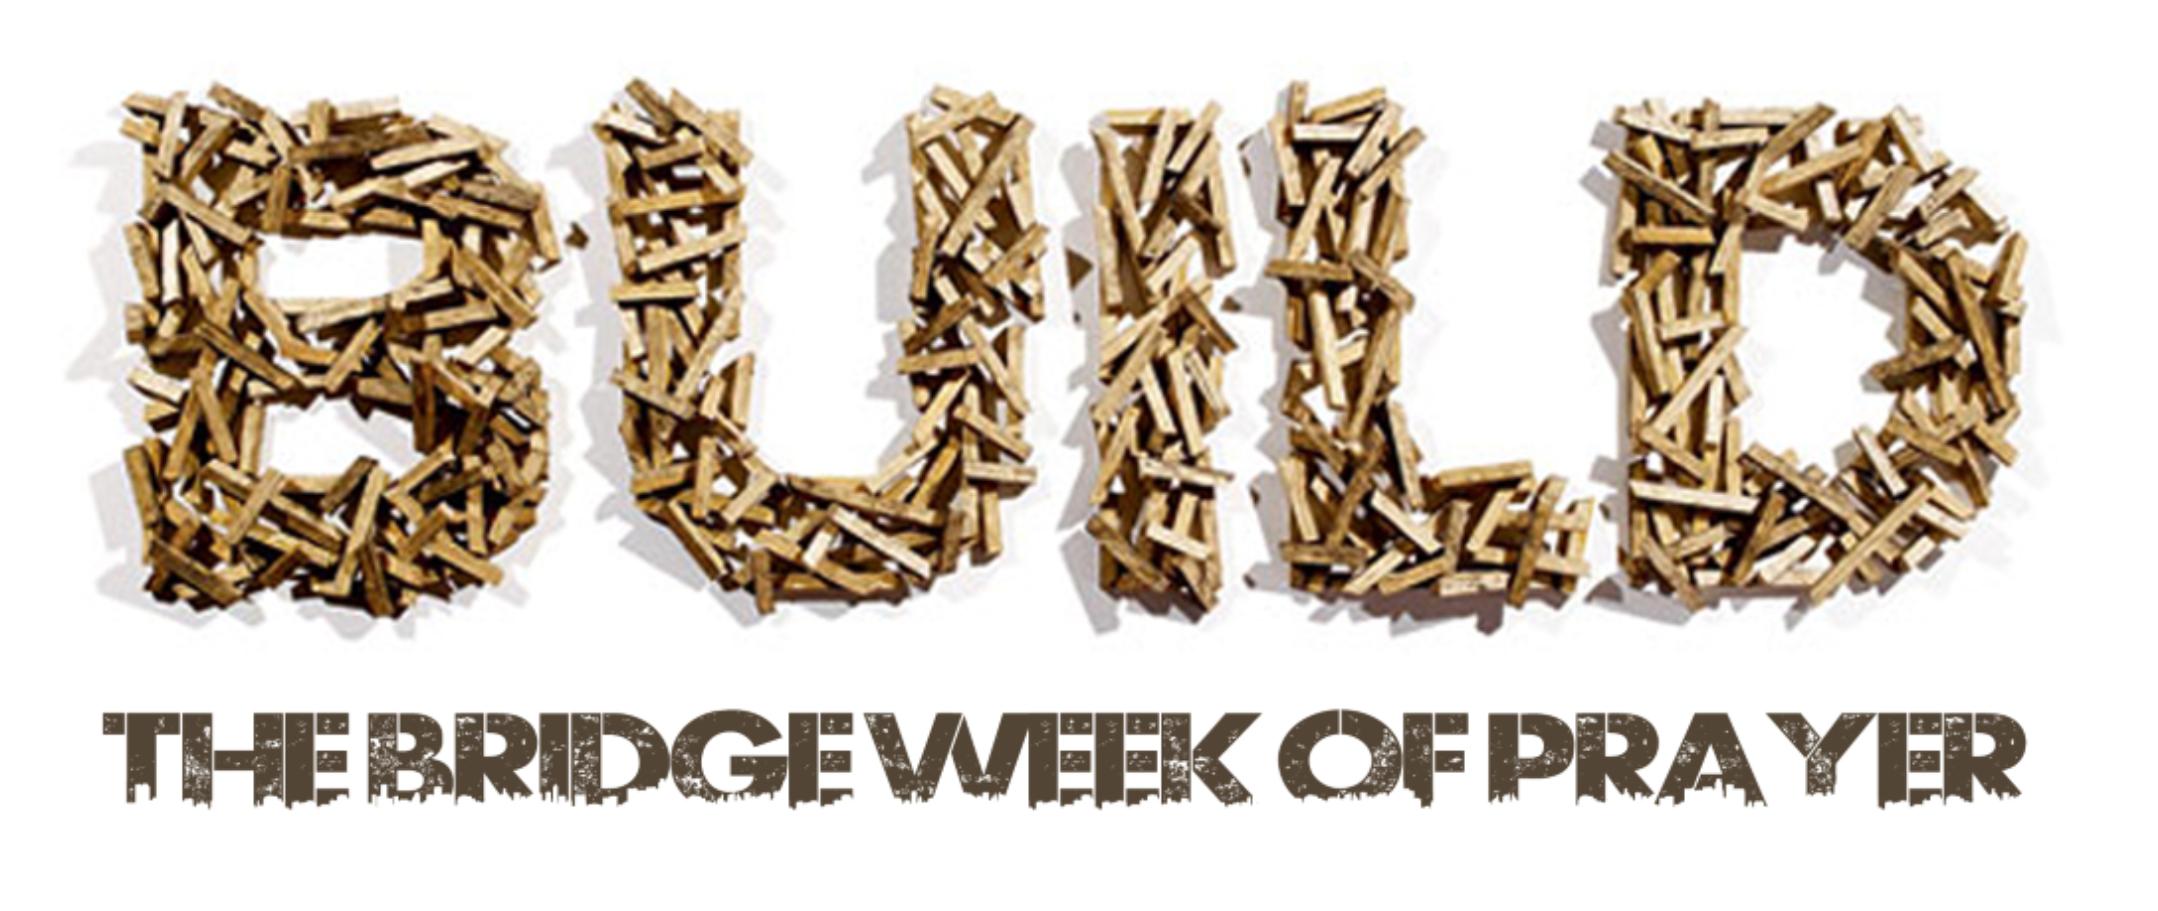 bridge week of prayer logo.png